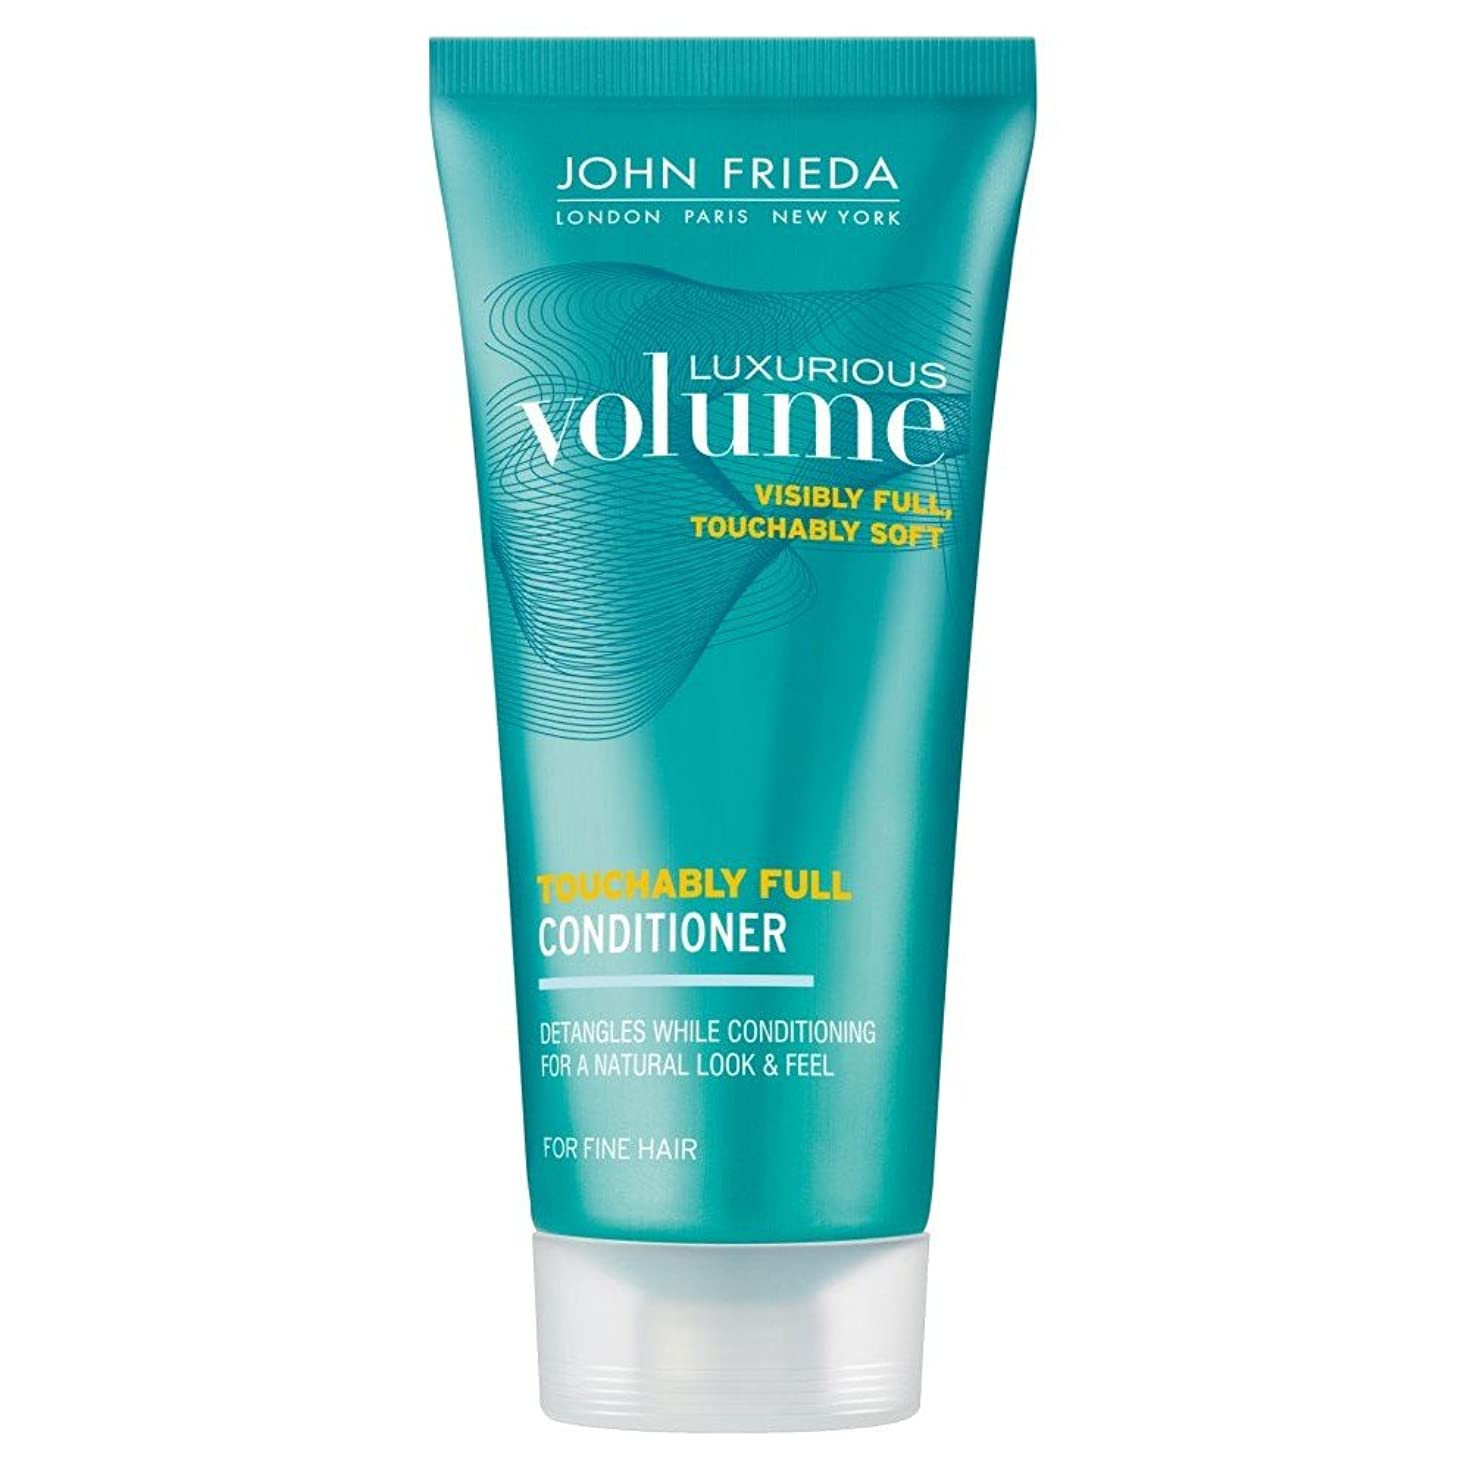 バイオリン恥取り壊すJohn Frieda Luxurious Volume Thickening Conditioner (50ml) ジョン?フリーダ豪華なボリューム増粘コンディショナー( 50ミリリットル) [並行輸入品]